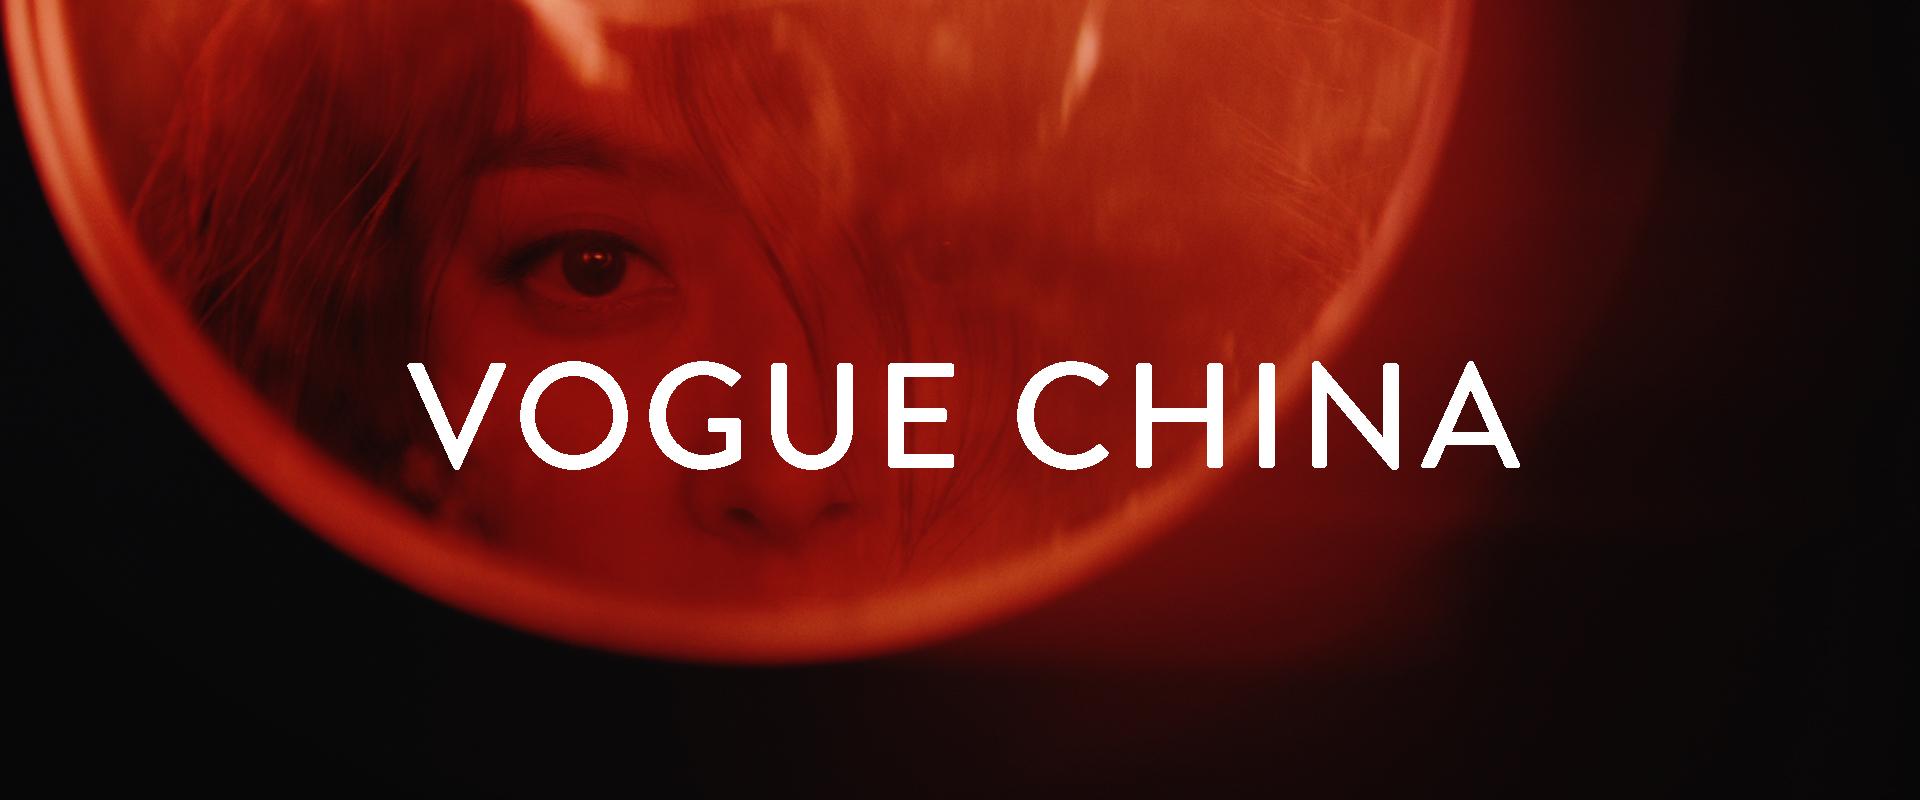 Vogue_China_3.jpeg